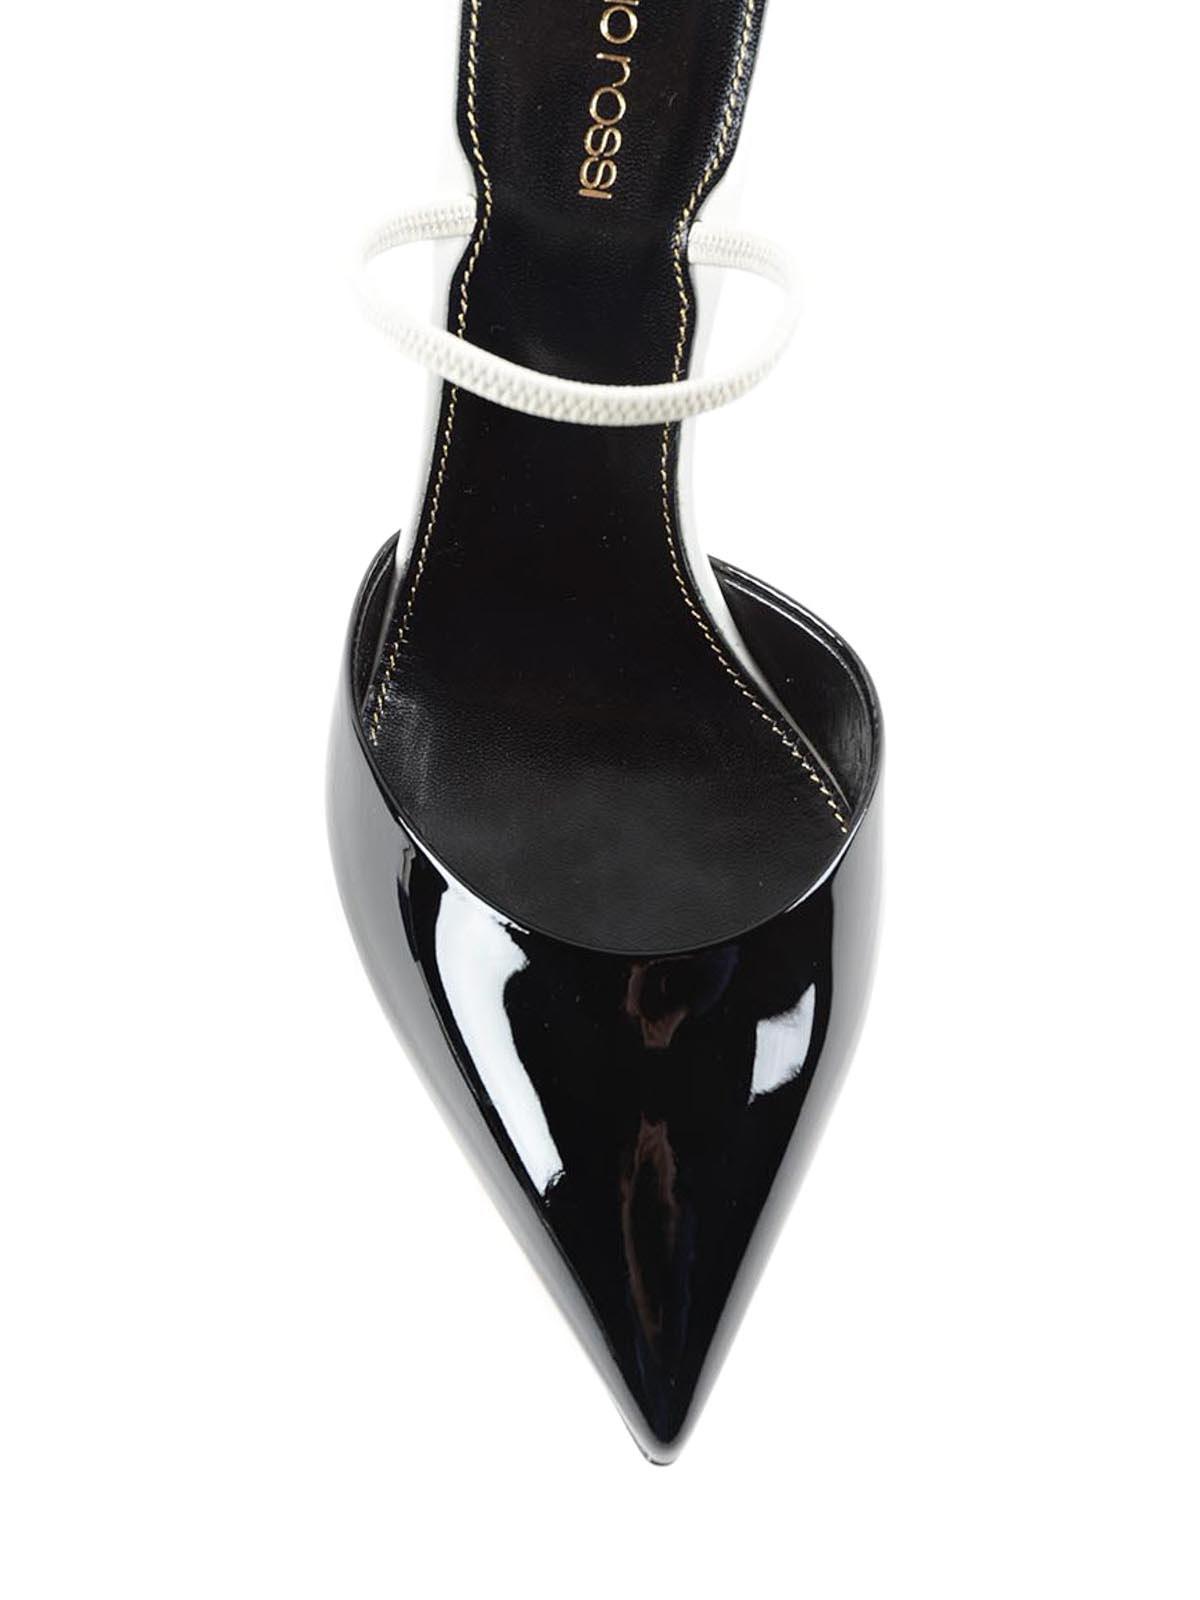 45e195edf848d Sergio Rossi - Patent leather stiletto mules - mules shoes - A73271 ...